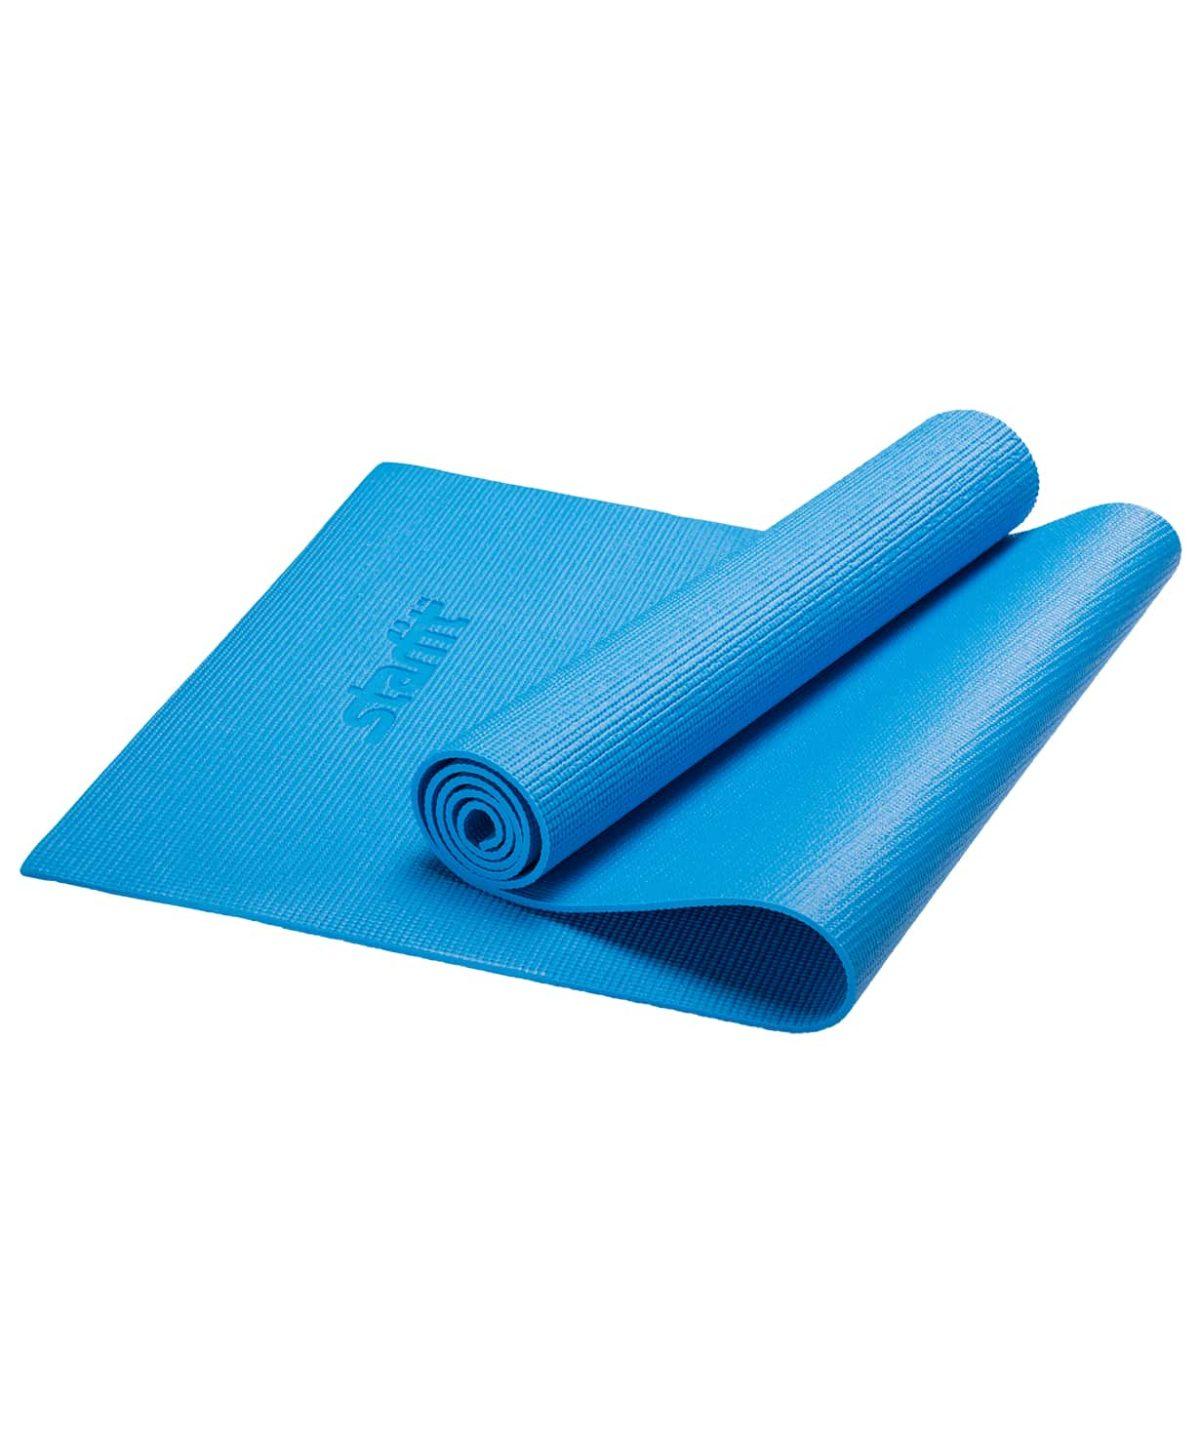 STARFIT Коврик для йоги FM-101 173х61х0,8см: синий - 2